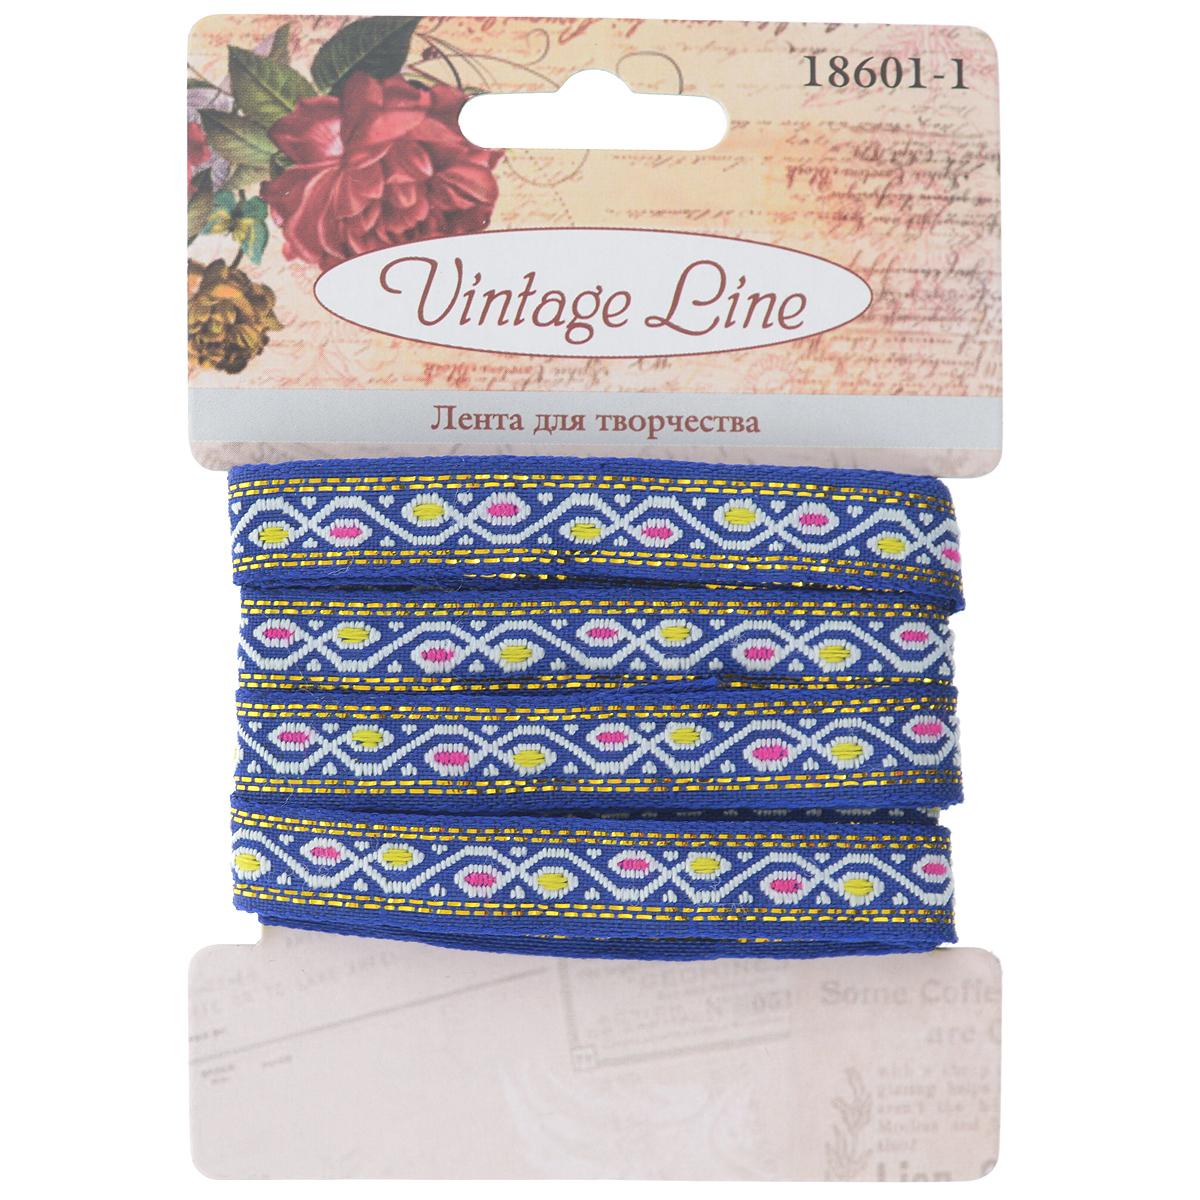 Лента декоративная Vintage Line, цвет: синий, 1 х 200 см7709649Декоративная лента Vintage Line выполнена из текстиля и оформлена оригинальным узором. Такая лента идеально подойдет для оформления различных творческих работ таких, как скрапбукинг, аппликация, декор коробок и открыток и многое другое. Лента наивысшего качества практична в использовании. Она станет незаменимым элементом в создании рукотворного шедевра. Ширина: 1 см. Длина: 2 м.